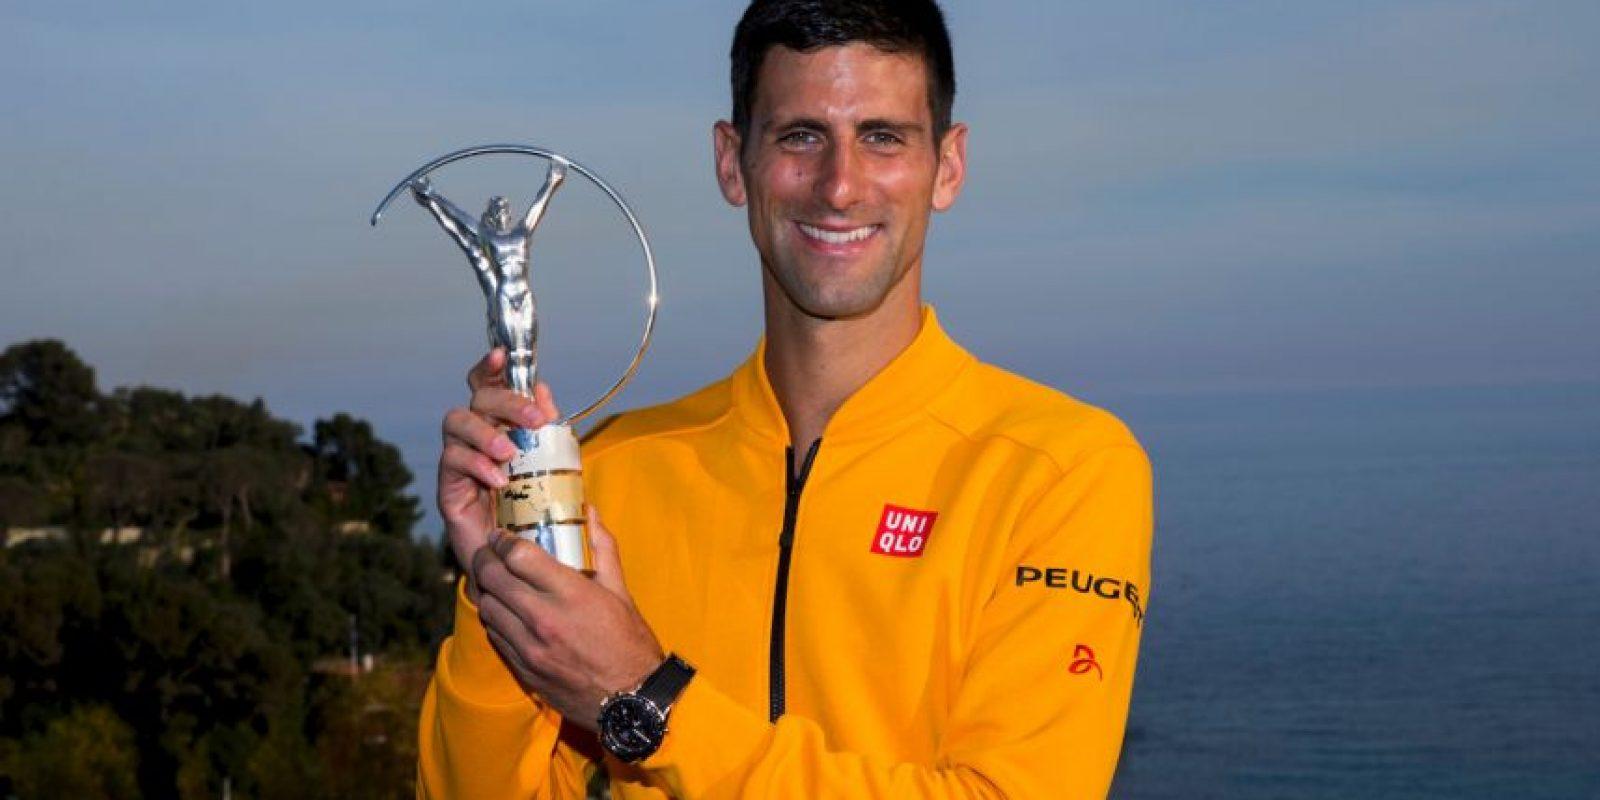 El tenista serbio Novak Djokovic fue galardonado con el premio Laureus al Mejor Deportista de 2014. Foto:Getty Images